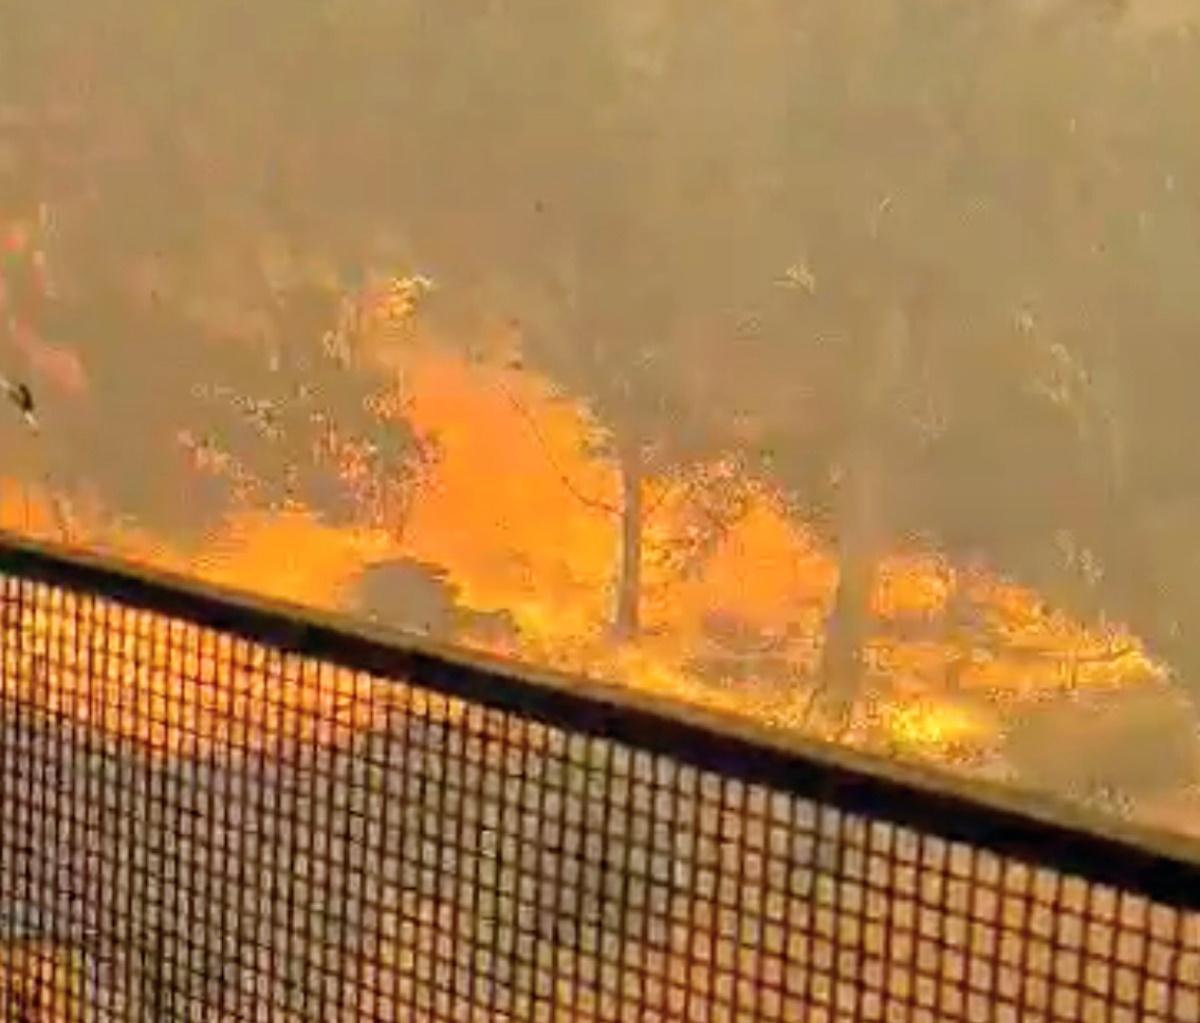 Αυστραλία: Πυρκαγιά απειλεί «ζωές και κατοικίες» στο Περθ (vid)